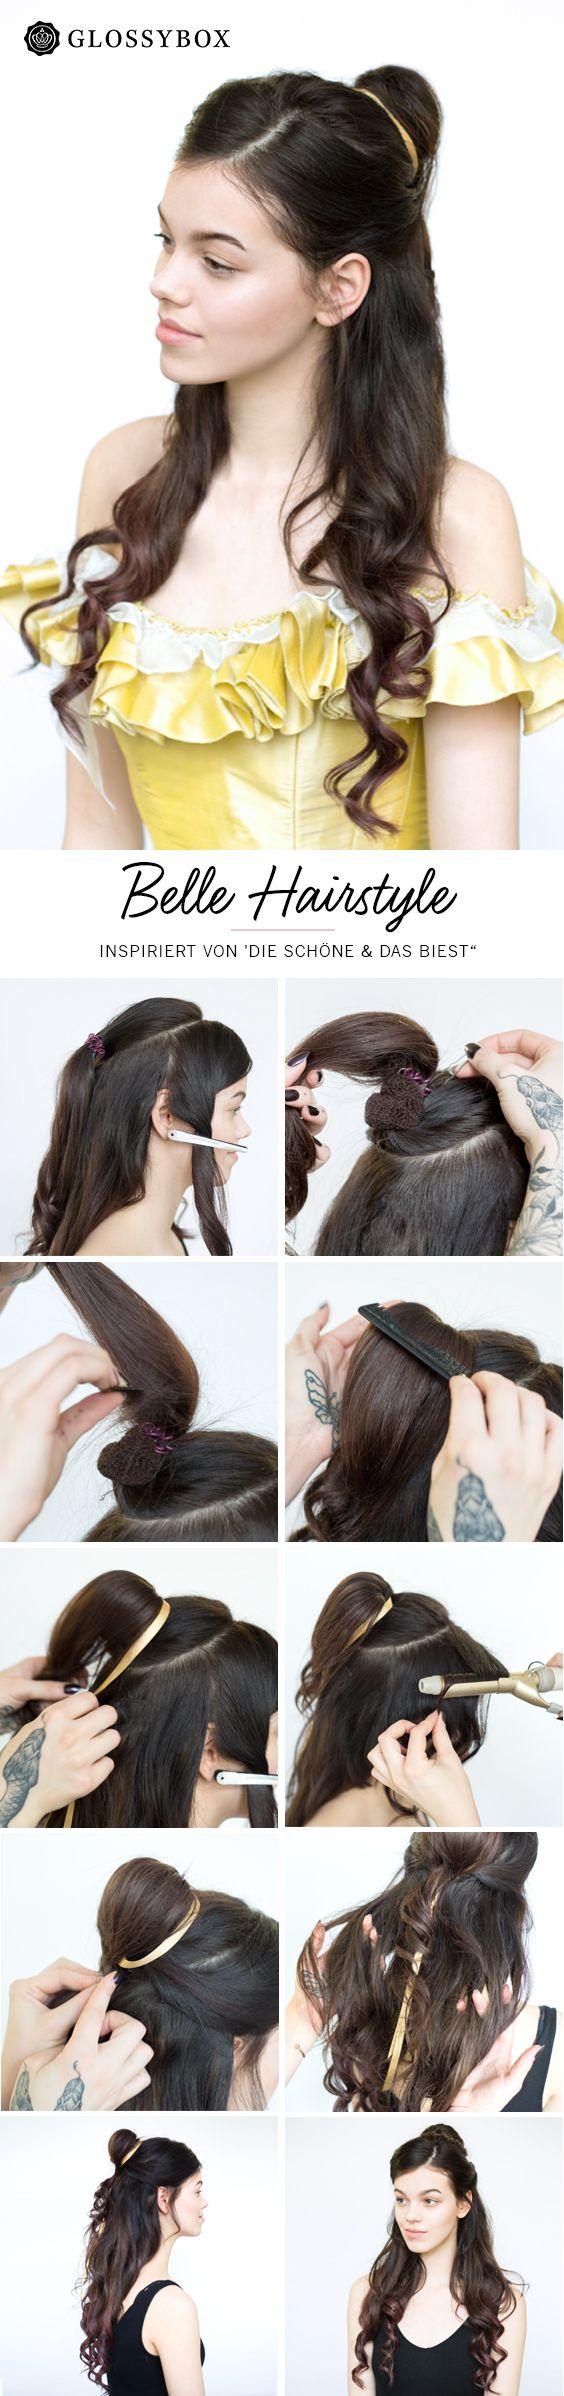 Frisuren schone und das biest